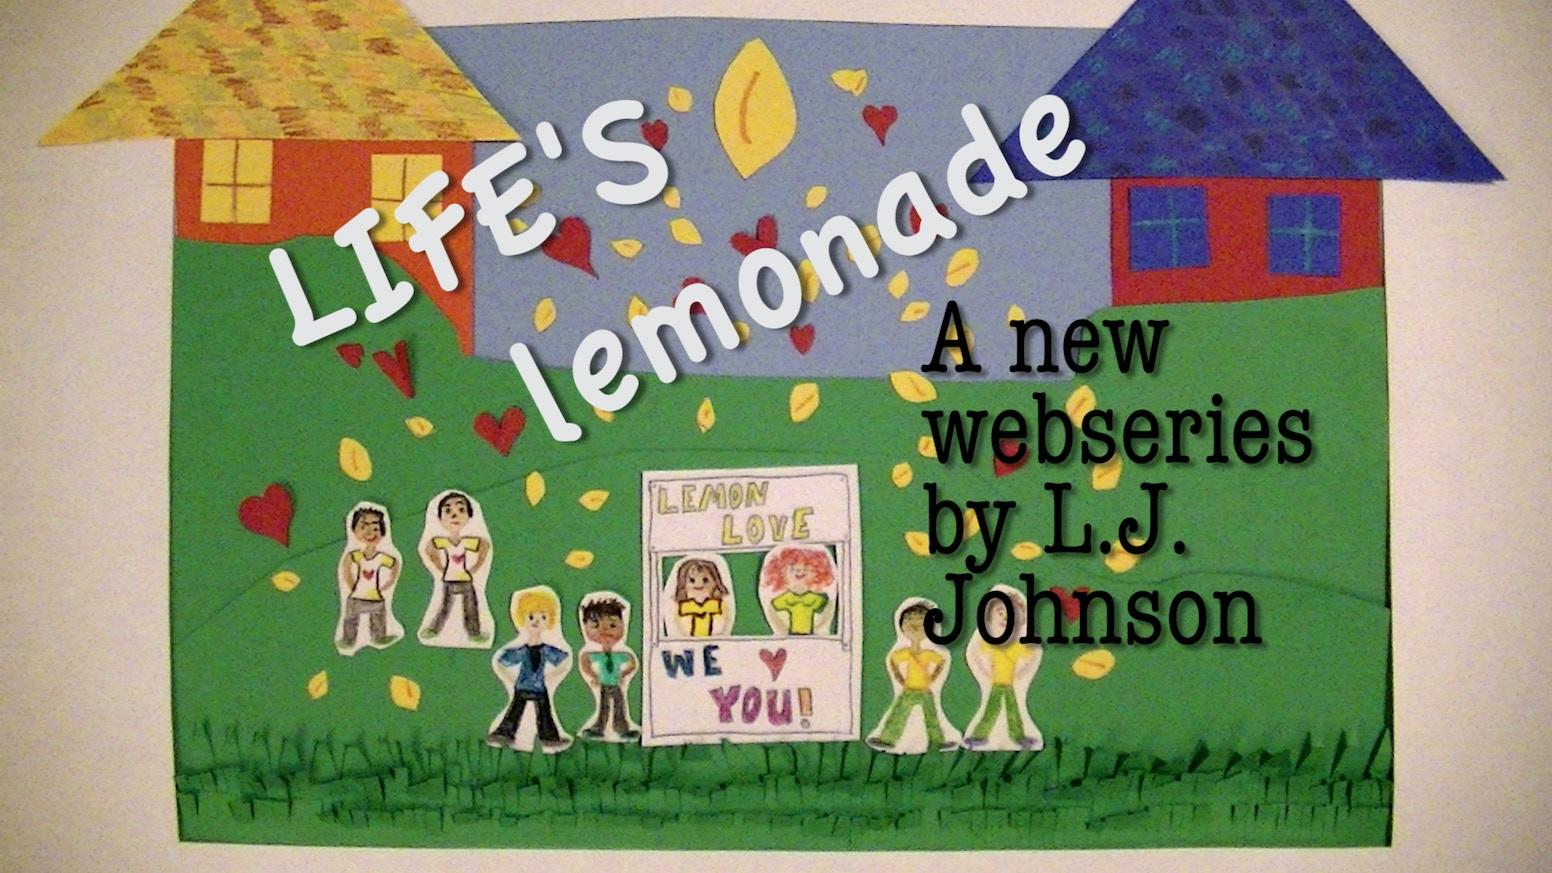 d4f6b0679f0cc Life s Lemonade by Eric Weiher — Kickstarter